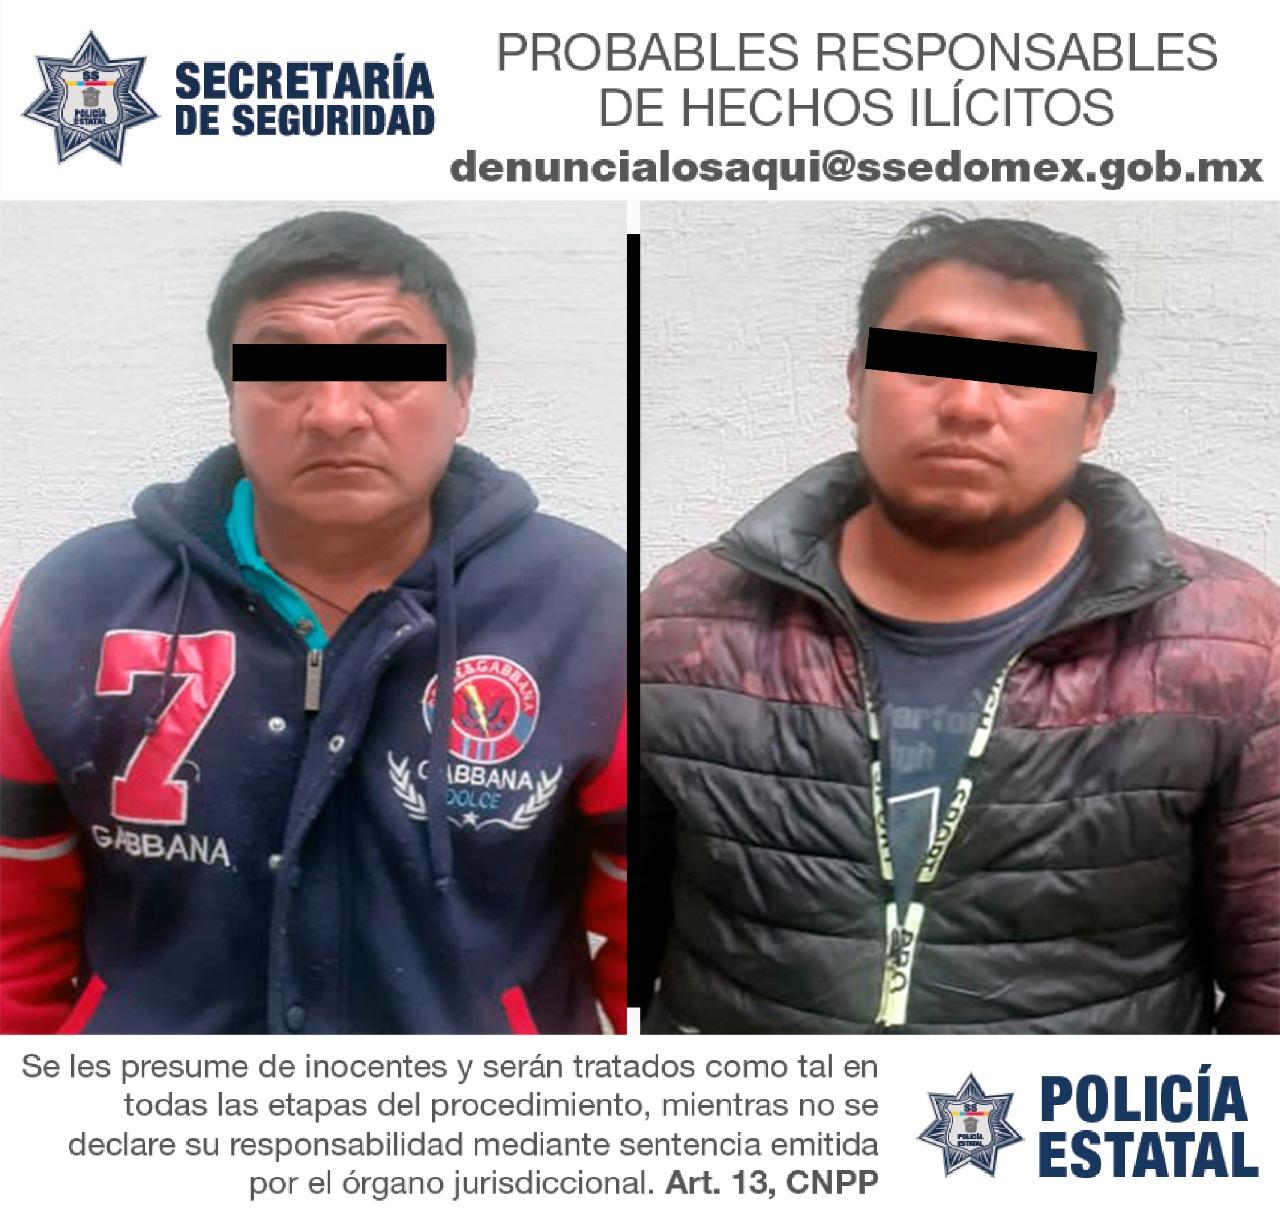 CAPTURAN A DOS SUJETOS POSIBLES IMPLICADOS EN EL DELITO DE ROBO